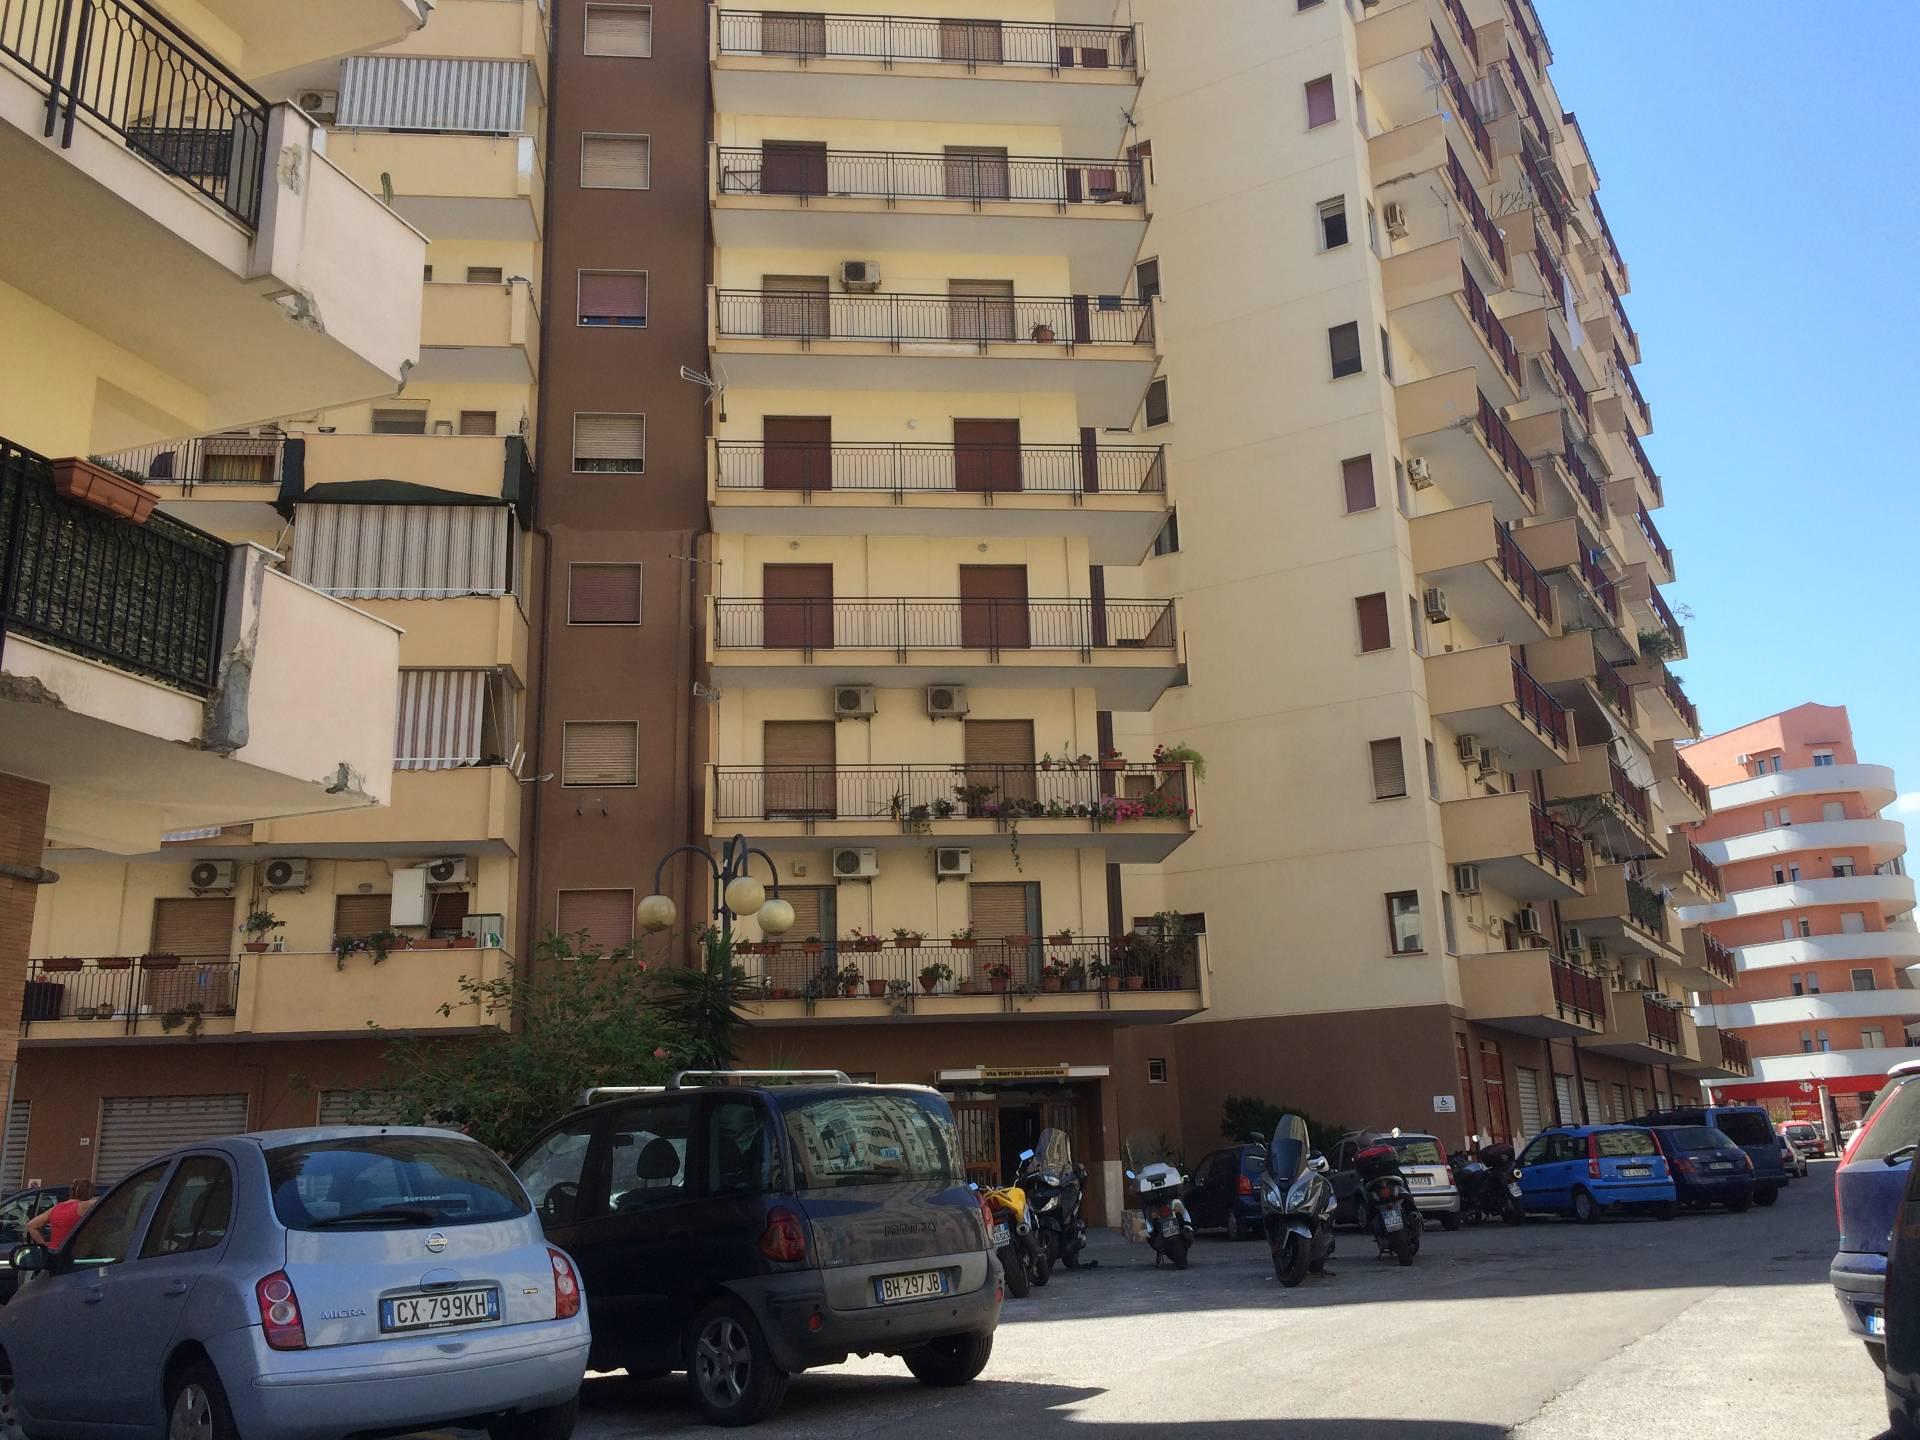 Appartamento in affitto a Palermo, 5 locali, zona Zona: Noce, prezzo € 600 | Cambio Casa.it